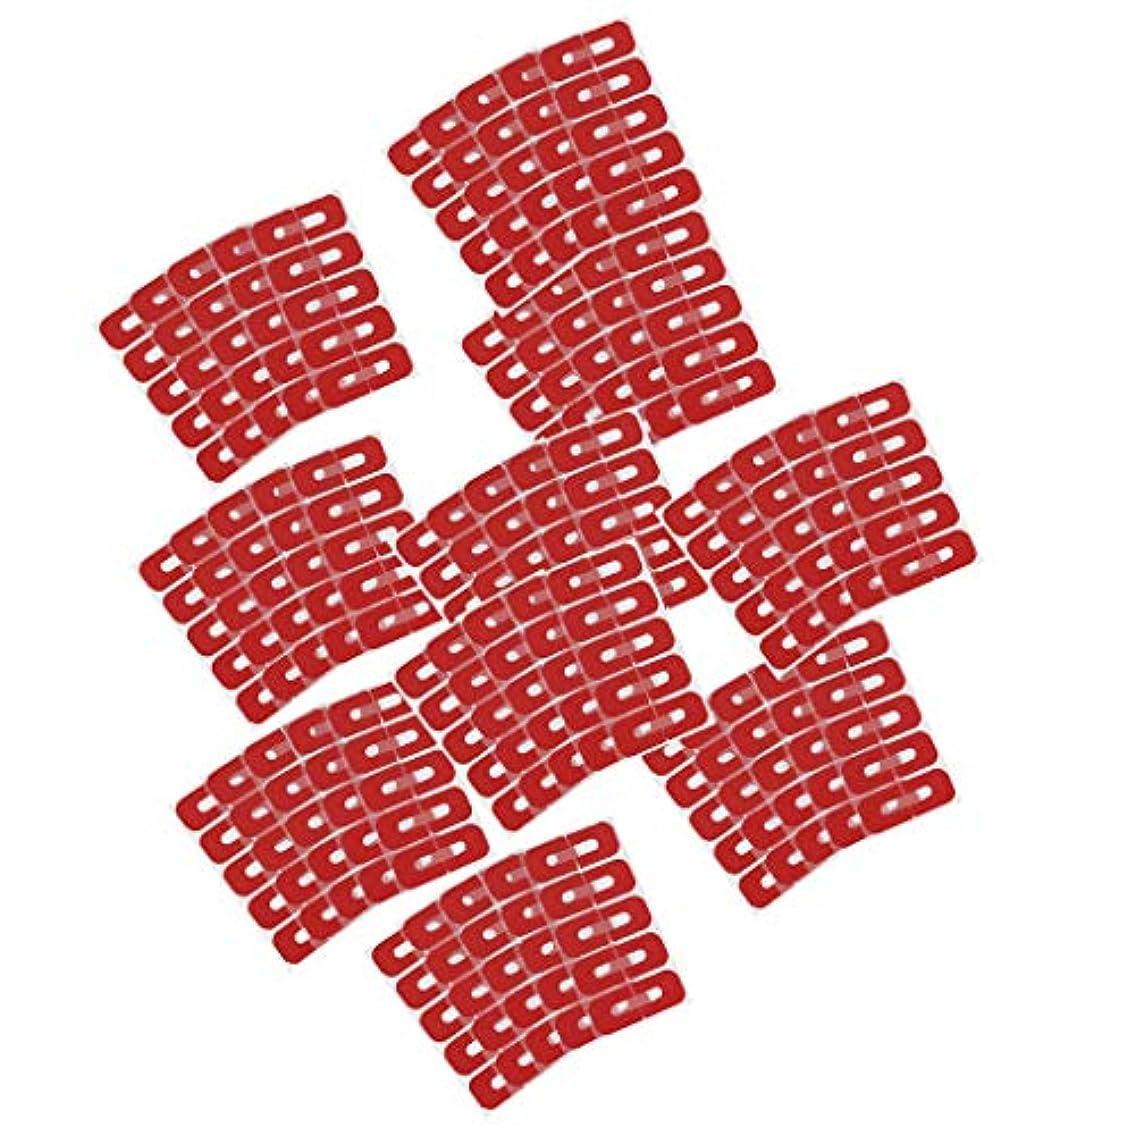 幻想へこみクライアント50ピースレッド使い捨てピールオフテープネイルアート流出防止スキンバリアポリッシュプロテクターカバーガード